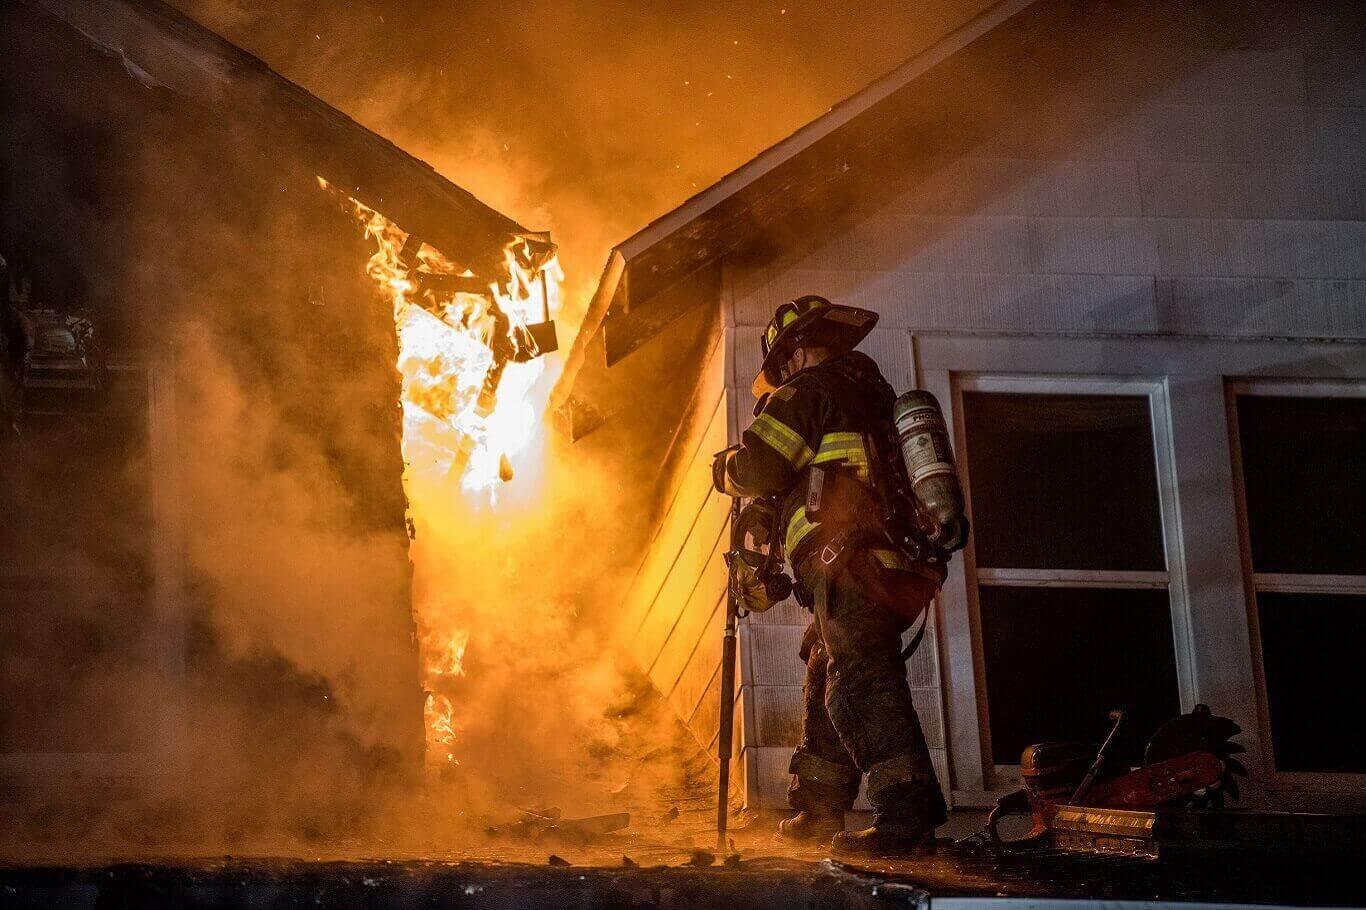 Fire incident in Steelton Dauphin